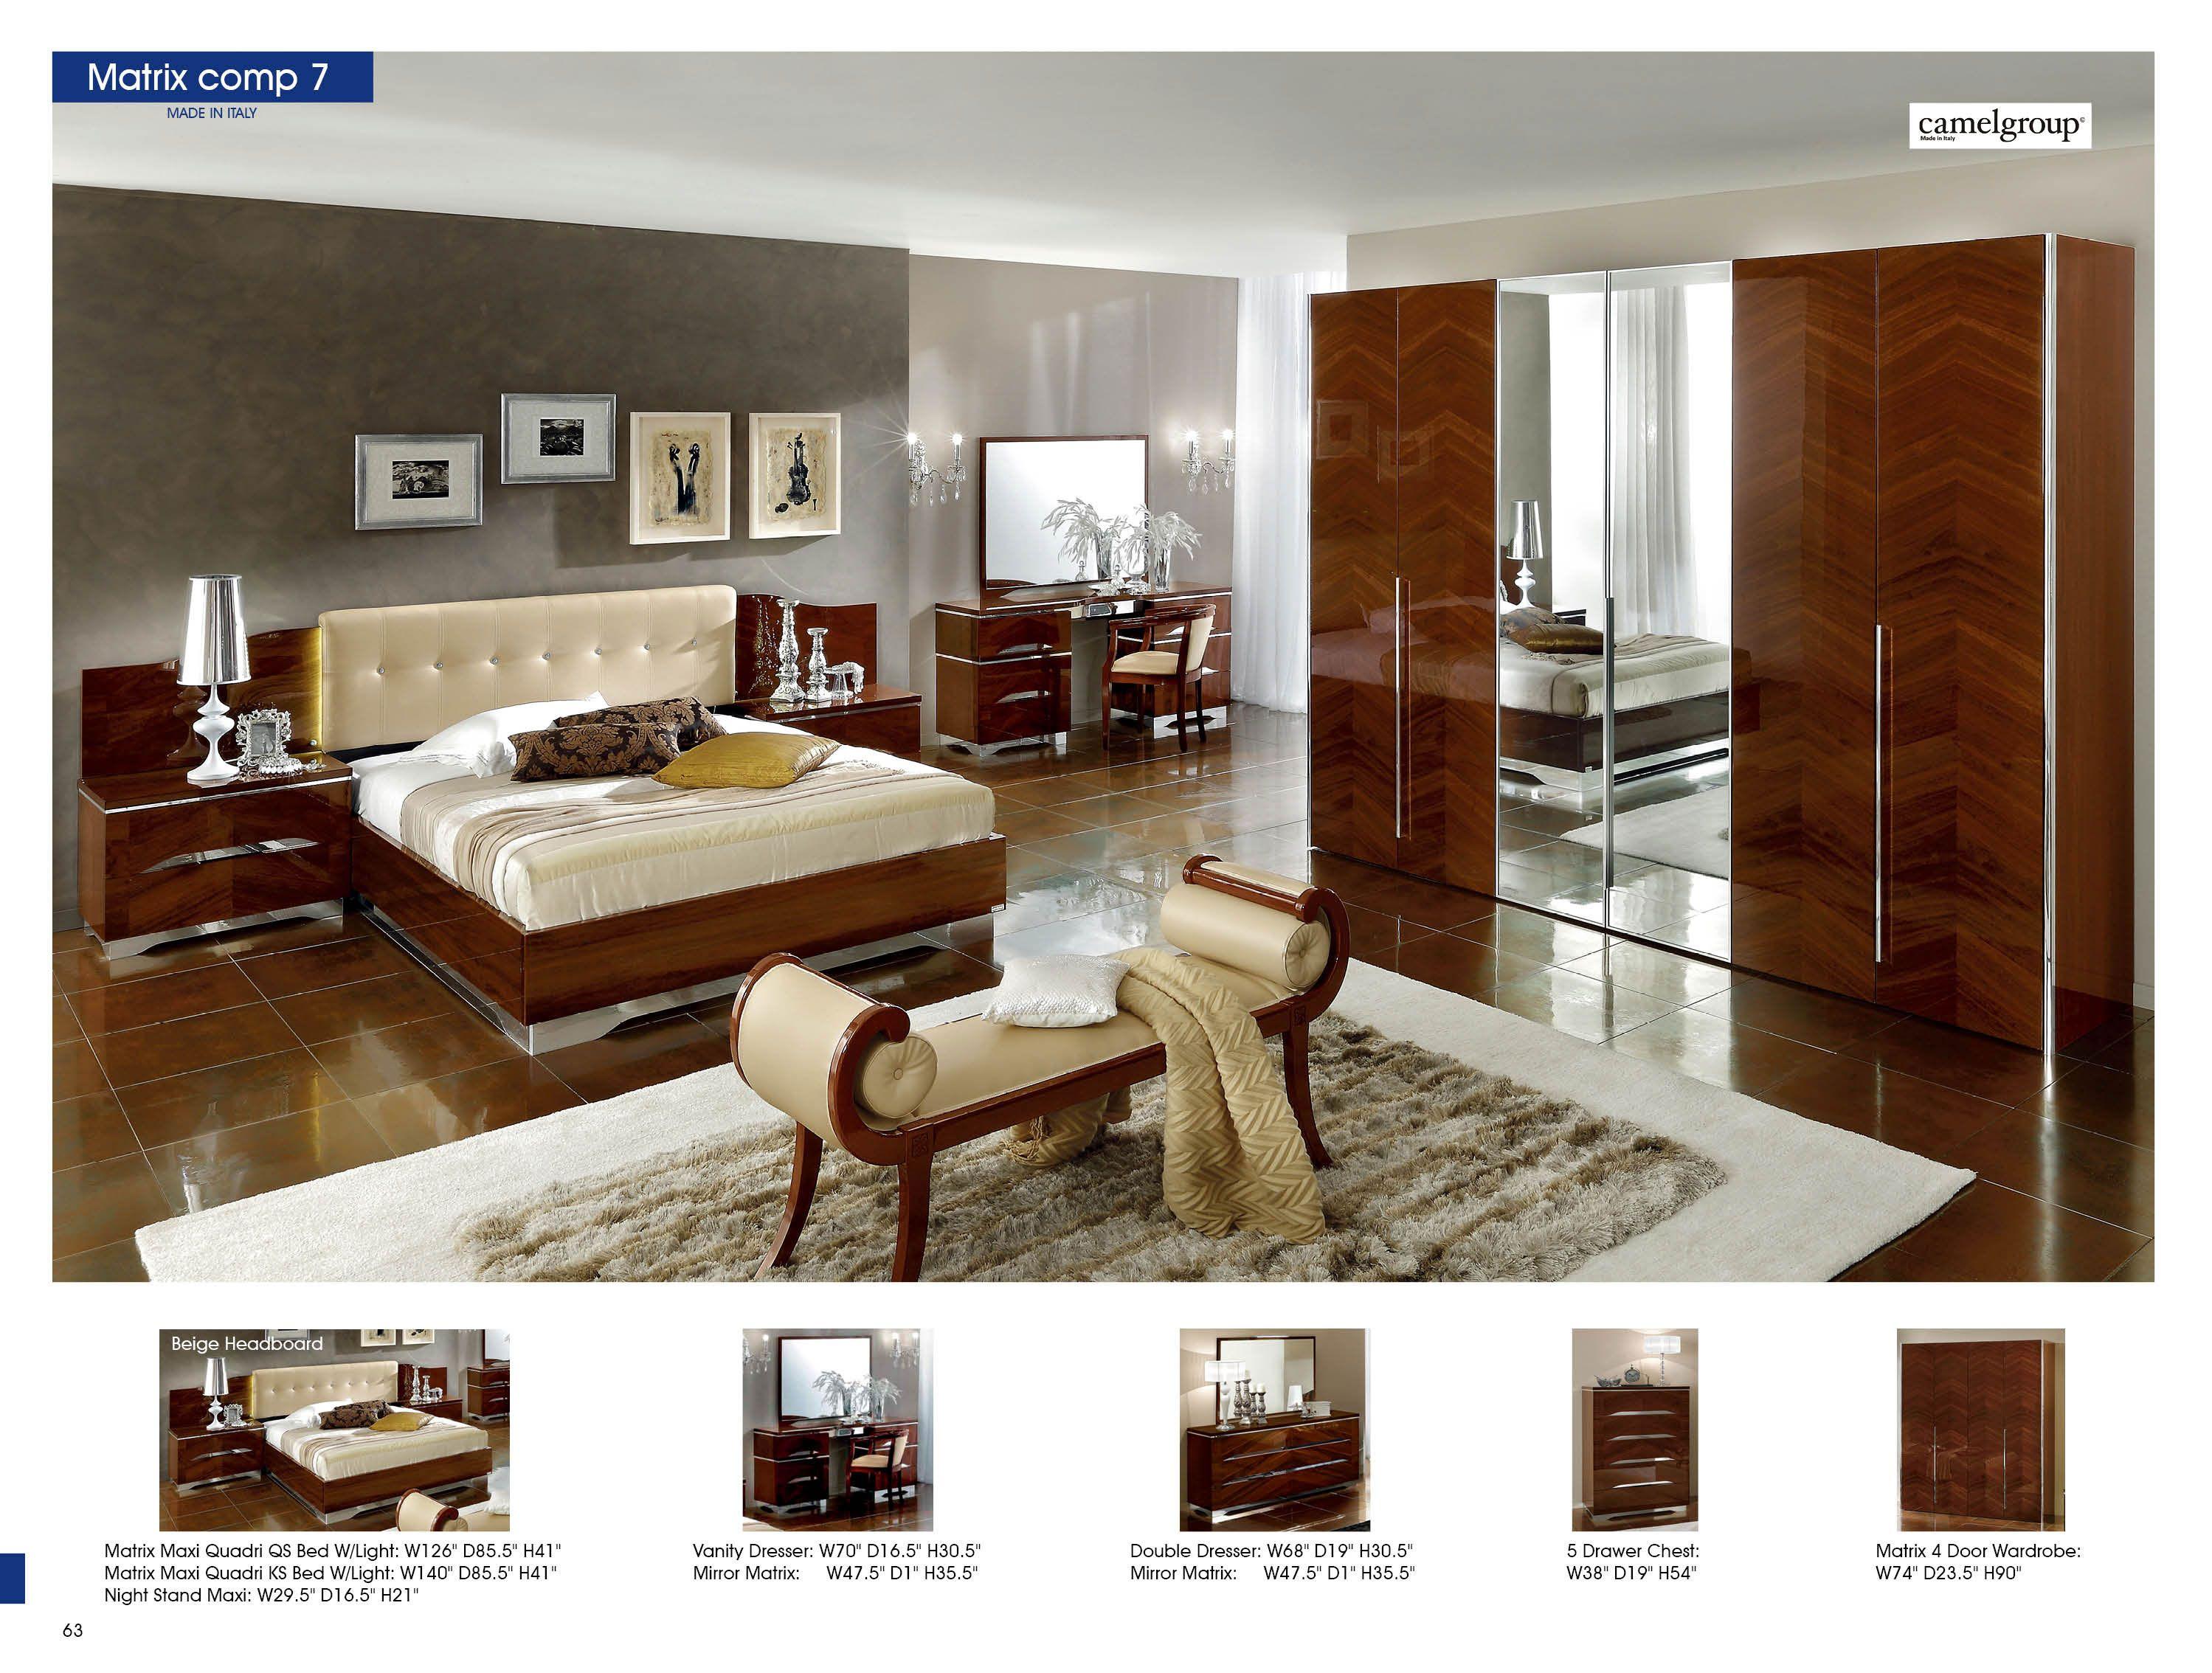 Bedroomfurnituremodernbedroomsmatrixcompositionwithbeige